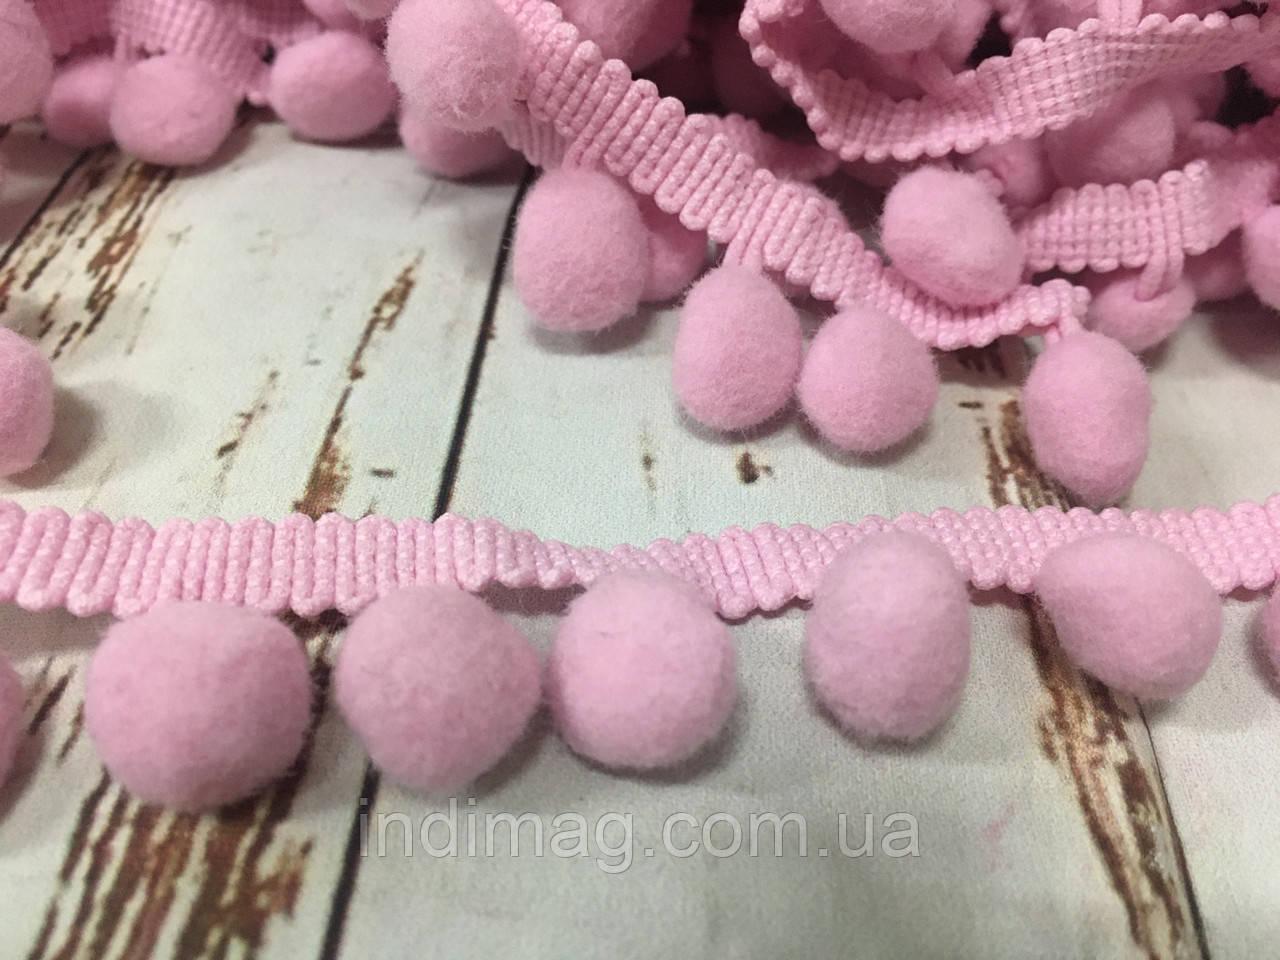 Тесьма большие шарики пумпоны